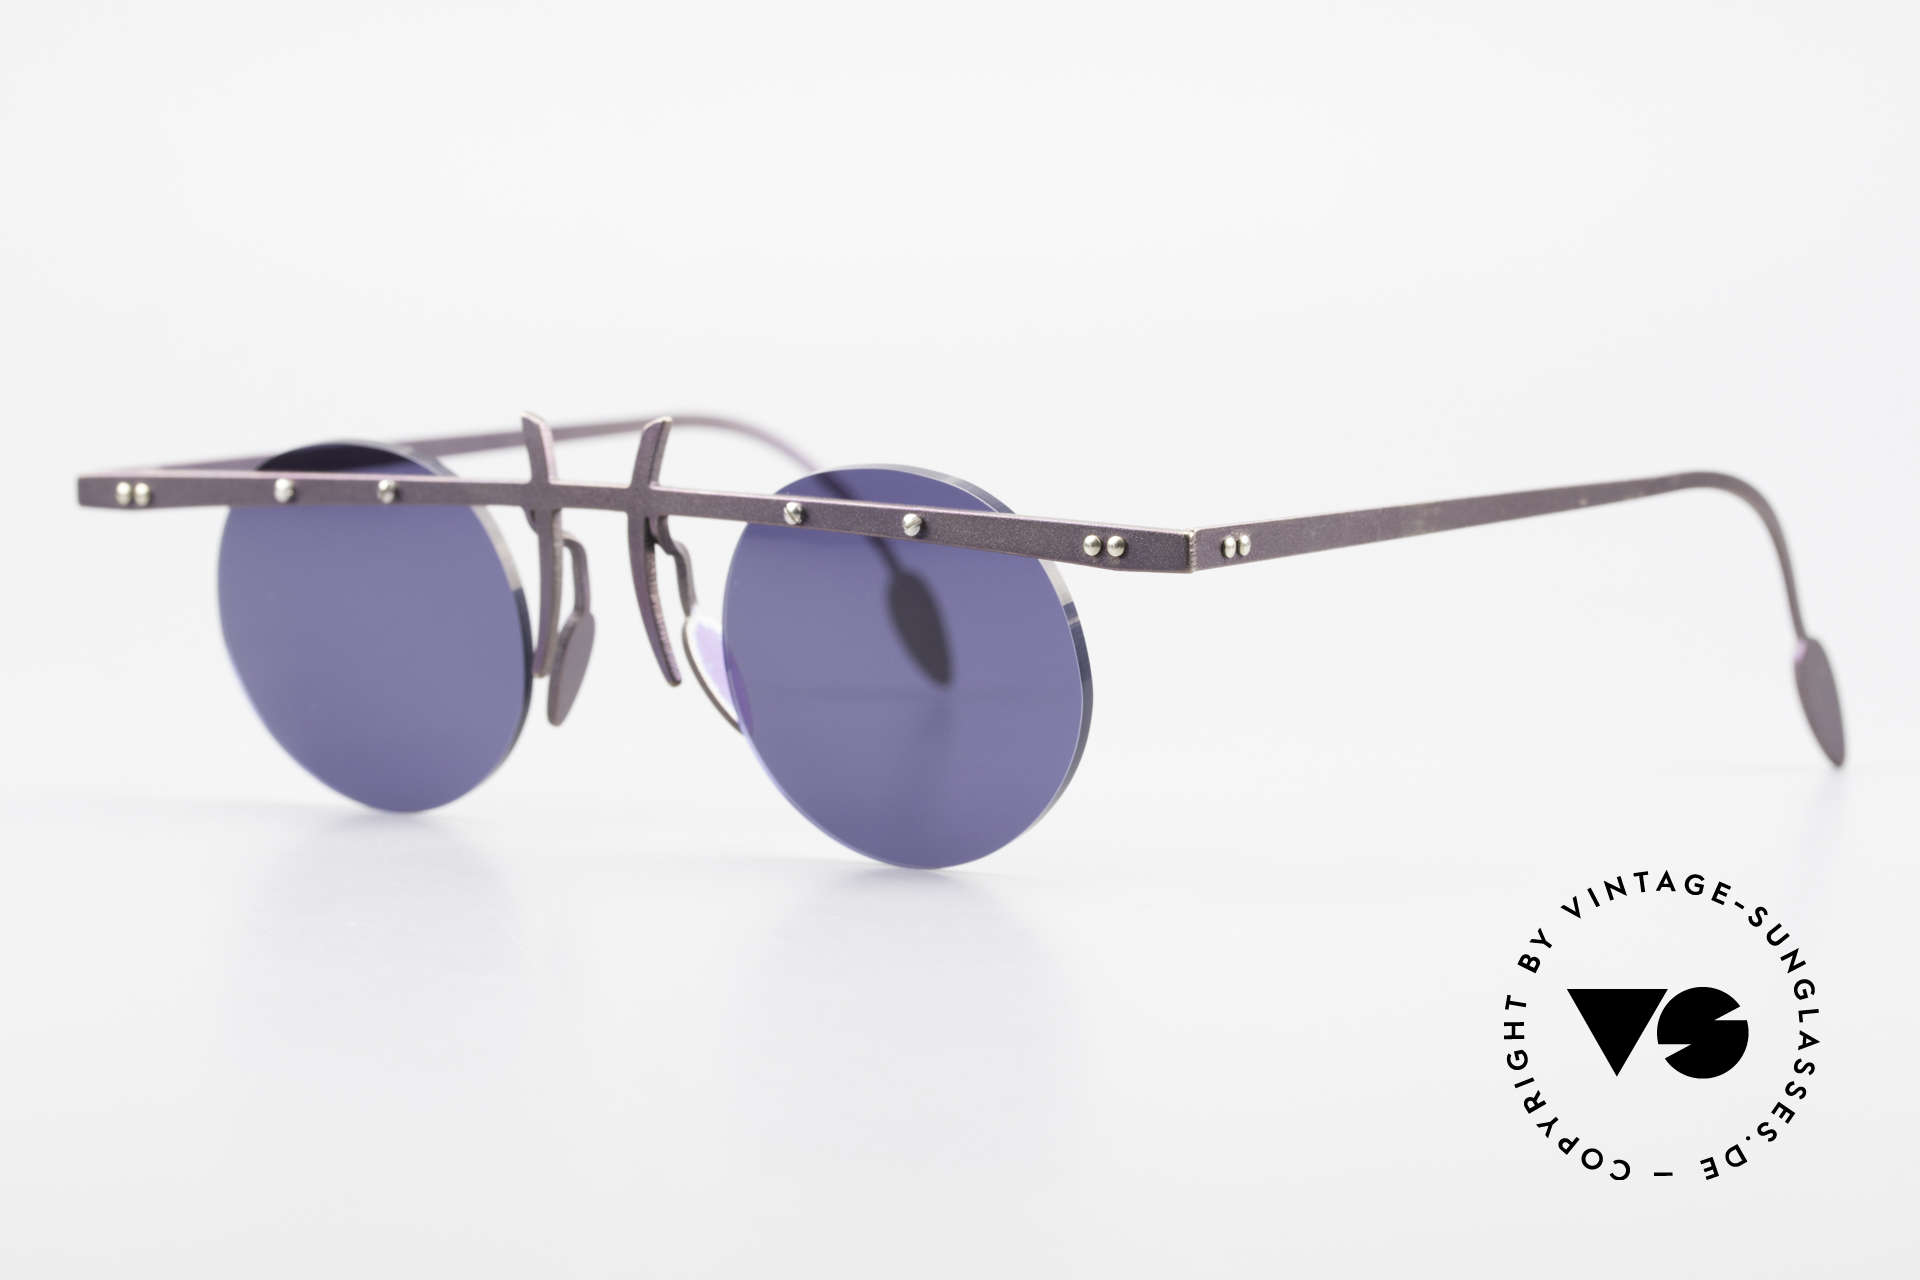 Theo Belgium Tita VI 4 Crazy Sonnenbrille 90er Titan, TITA-Serie = large Titanium Modelle von THEO der 90er, Passend für Herren und Damen